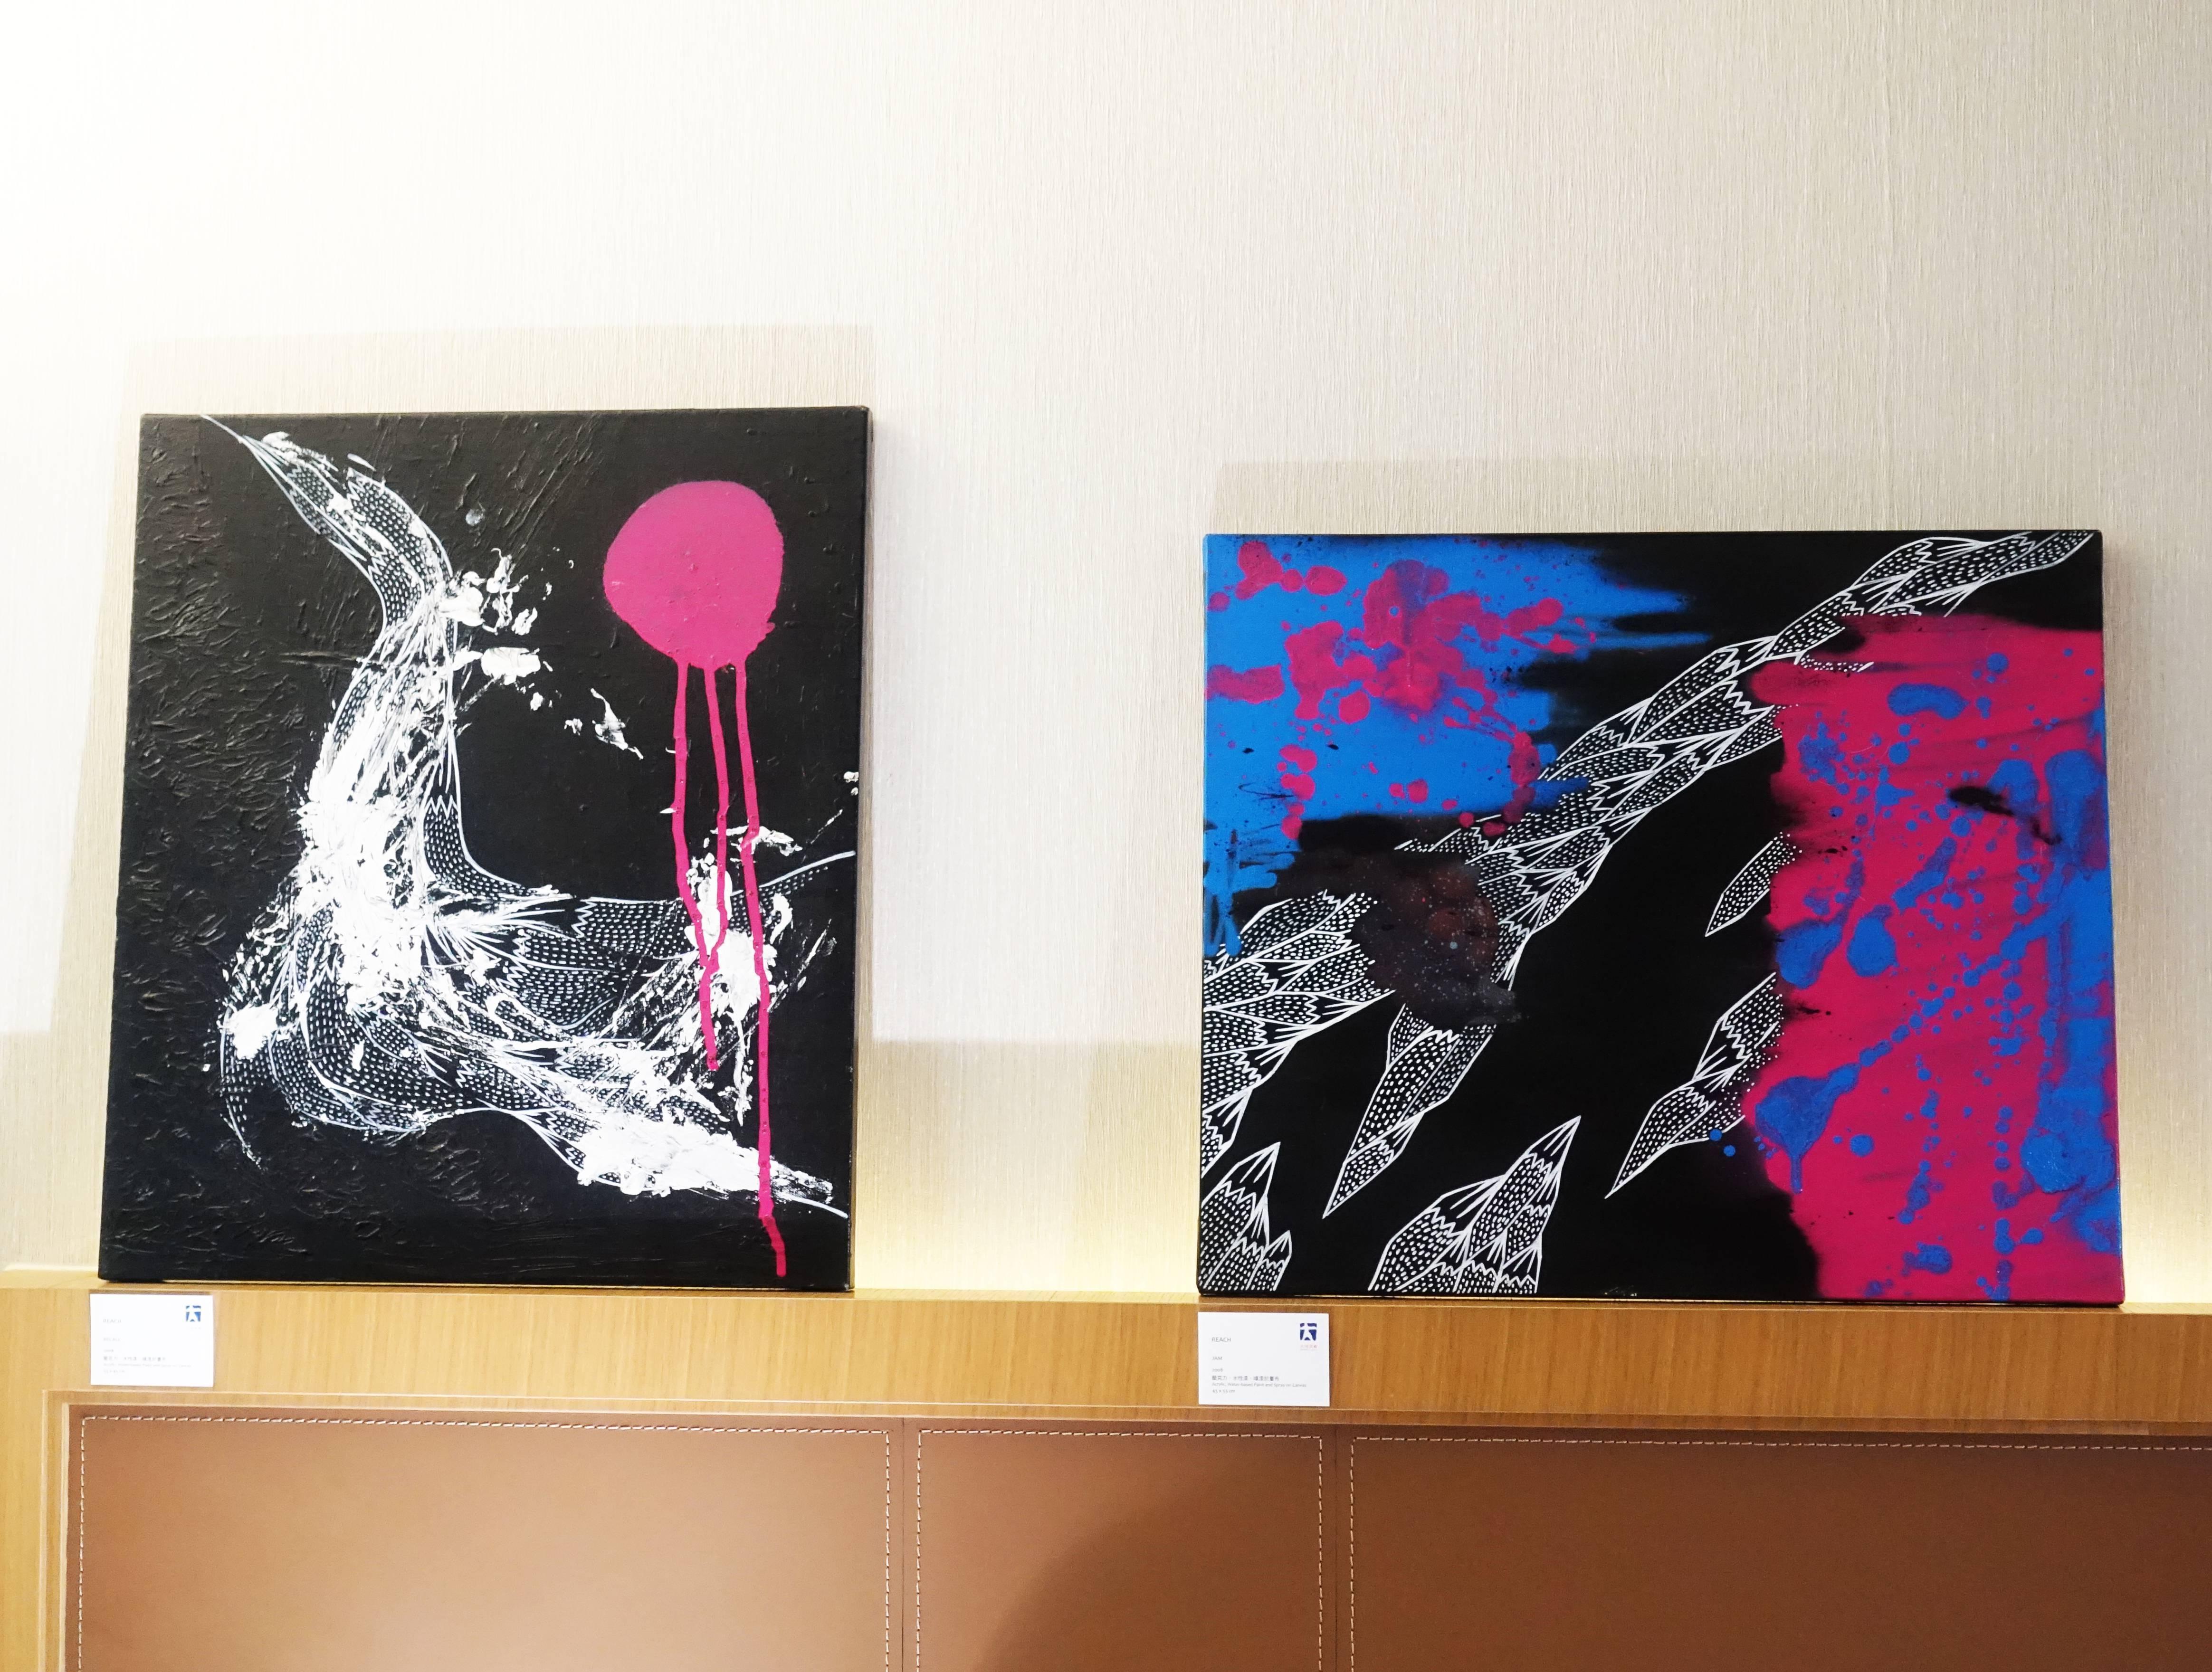 大河美術藝術家-REACH,《RECALL》,53 x 45 cm,壓克力、水性漆、噴漆於畫布,2008(左);REACH,《JAM》,45 x 53 cm,壓克力、水性漆、噴漆於畫布,2008(右)。